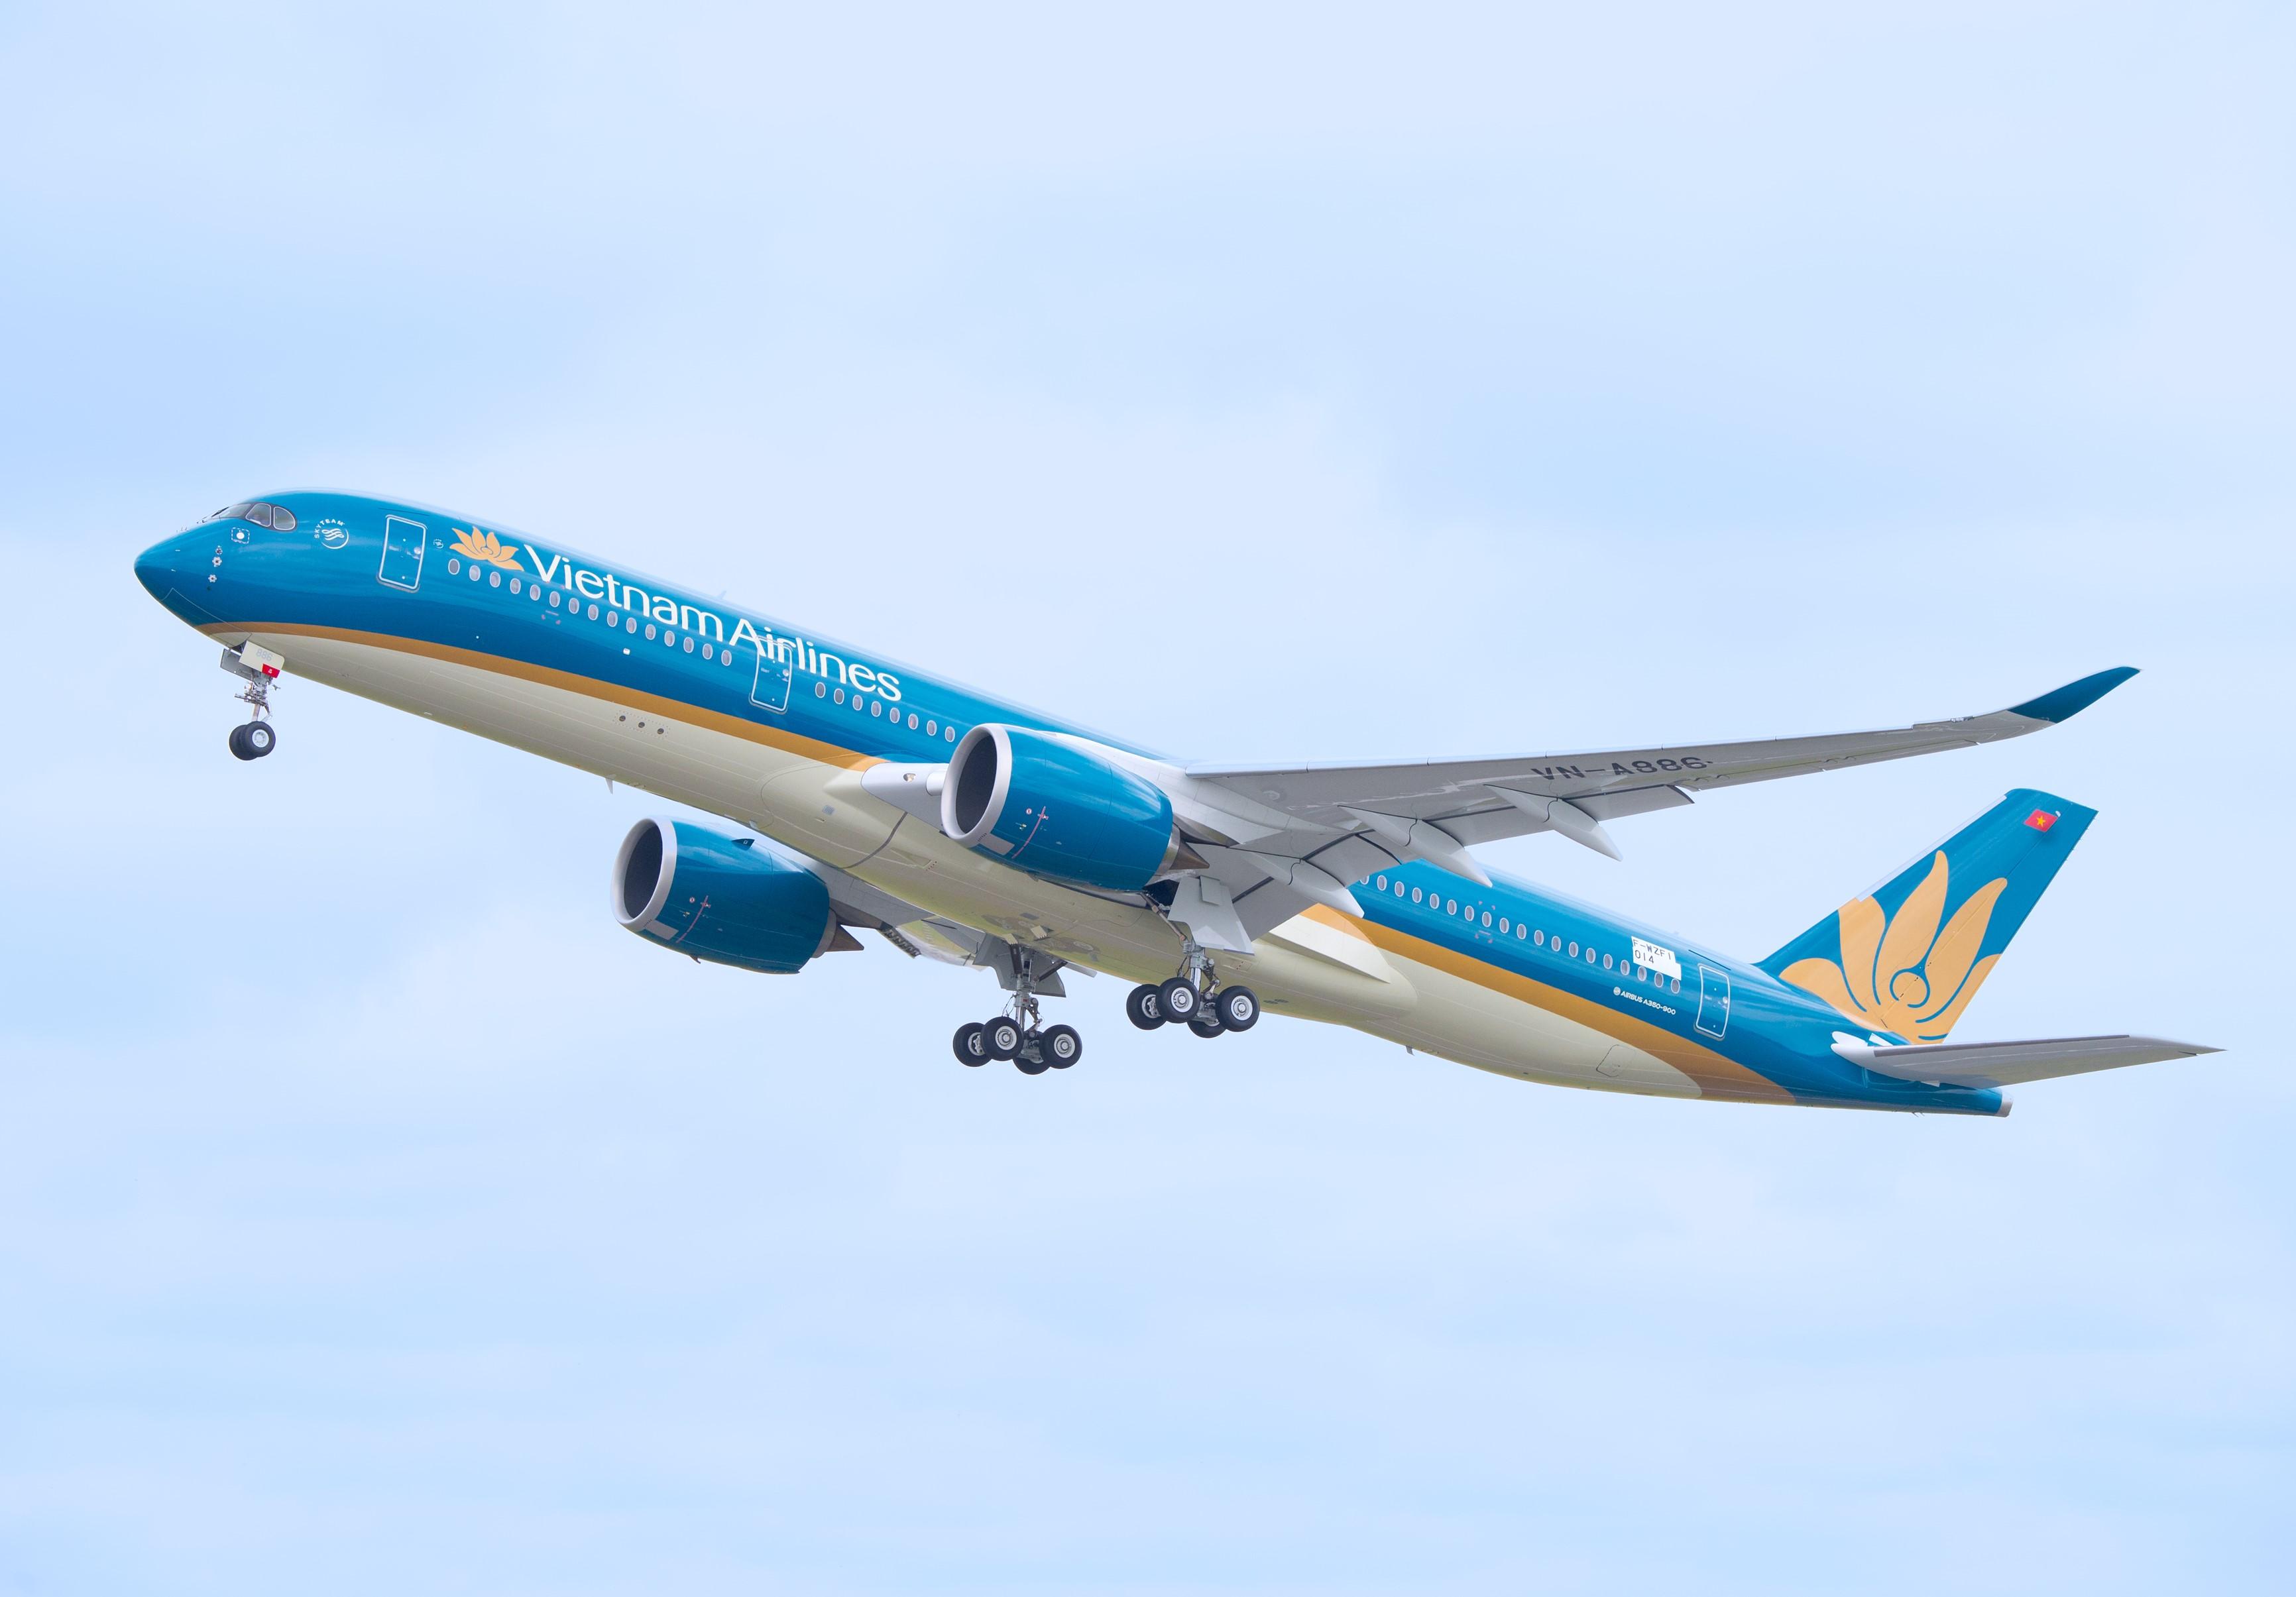 Vietnam Airlines vận chuyển hành khách đảm bảo đủ điều kiện xuất nhập cảnh và sức khỏe từ Châu Âu về Việt Nam